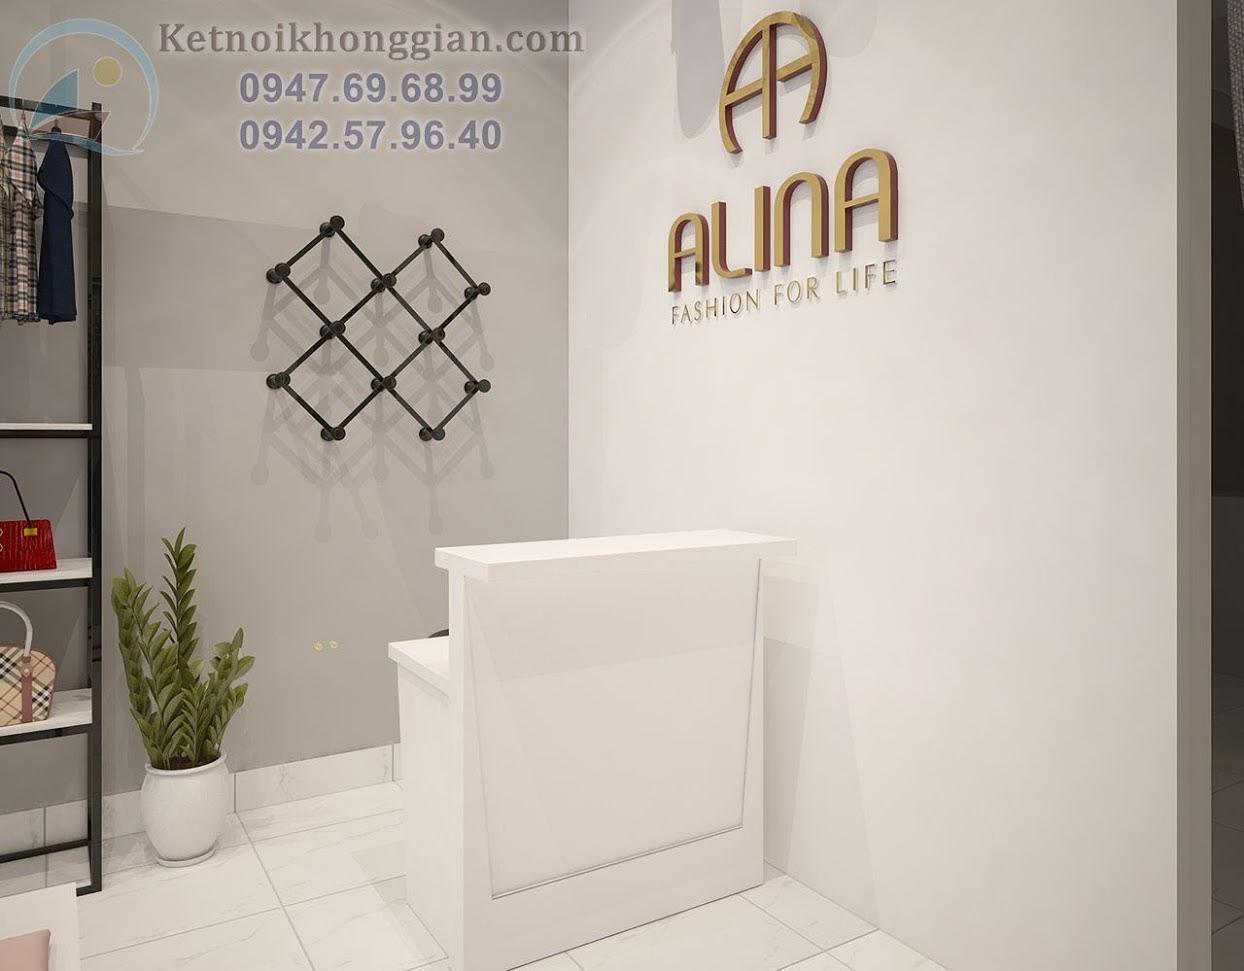 thiết kế cửa hàng thời trang công sở uy tín và sáng tạo